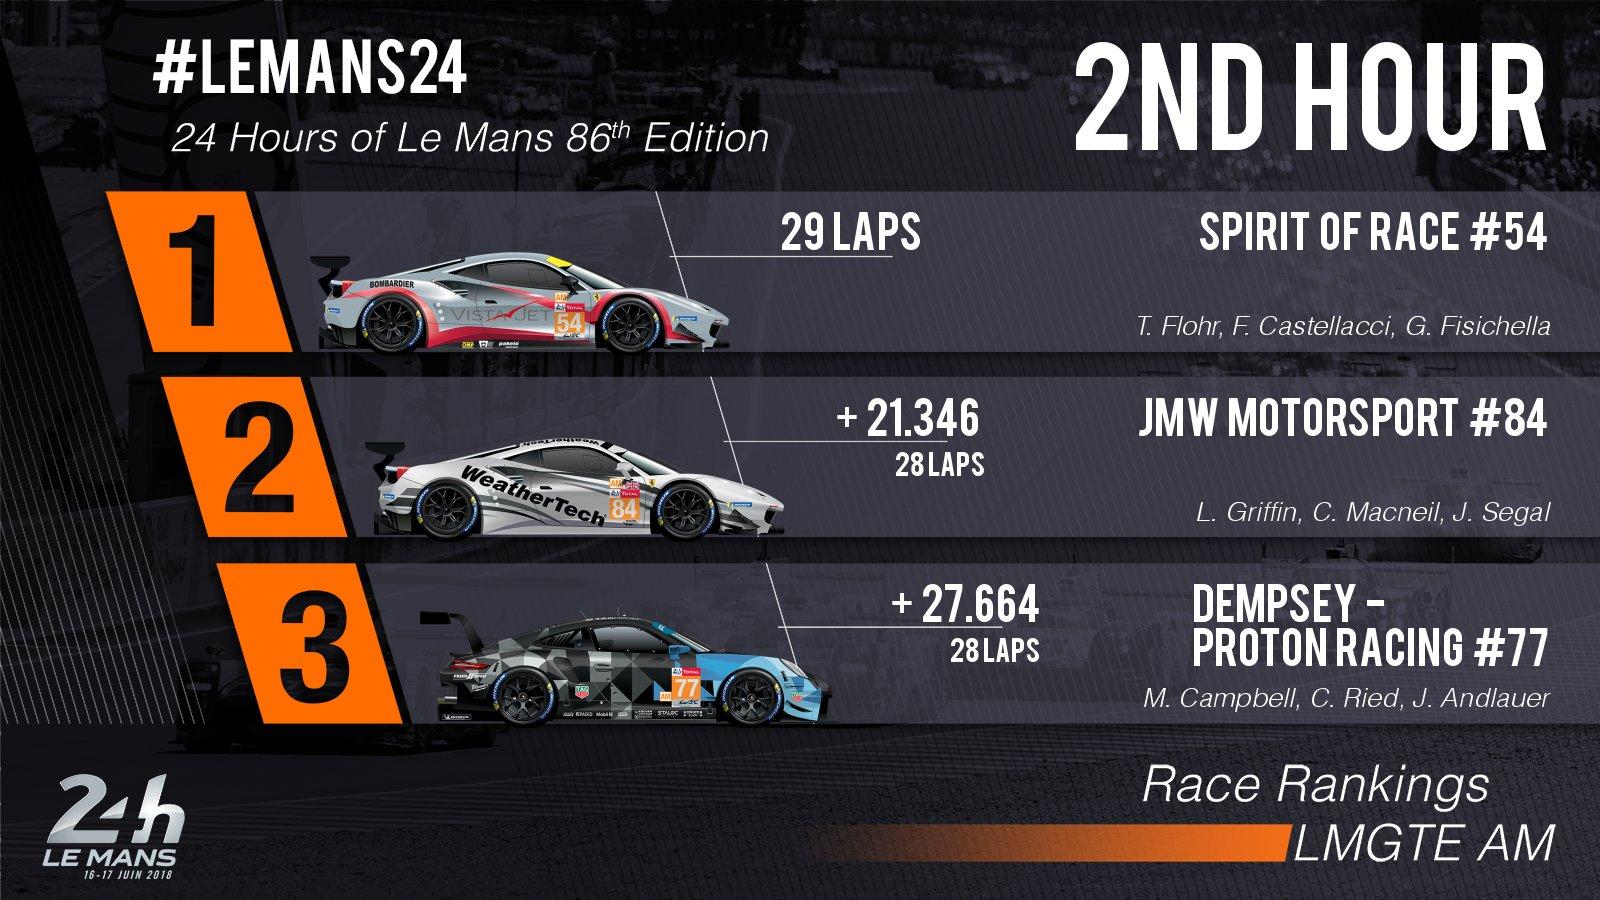 24 Horas de Le Mans 2018 - Página 2 Df0lKoXX4AAxVDY